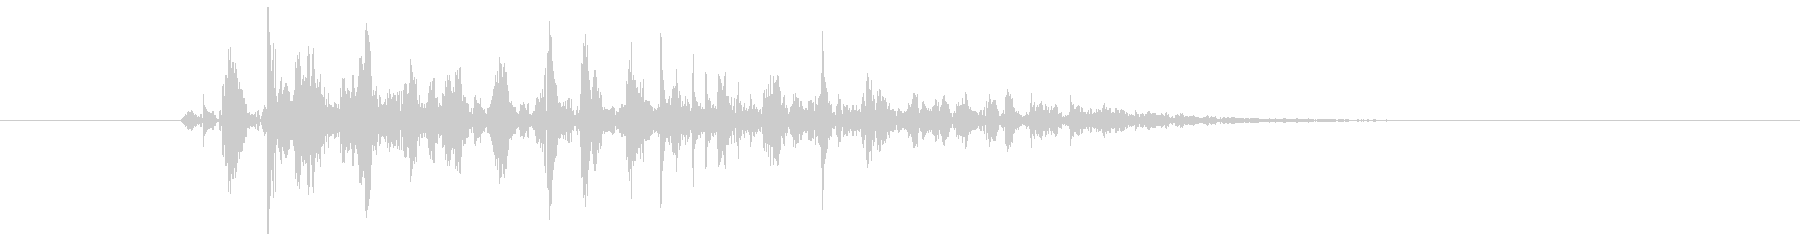 ブクブク(泡のような音) 01の未再生の波形